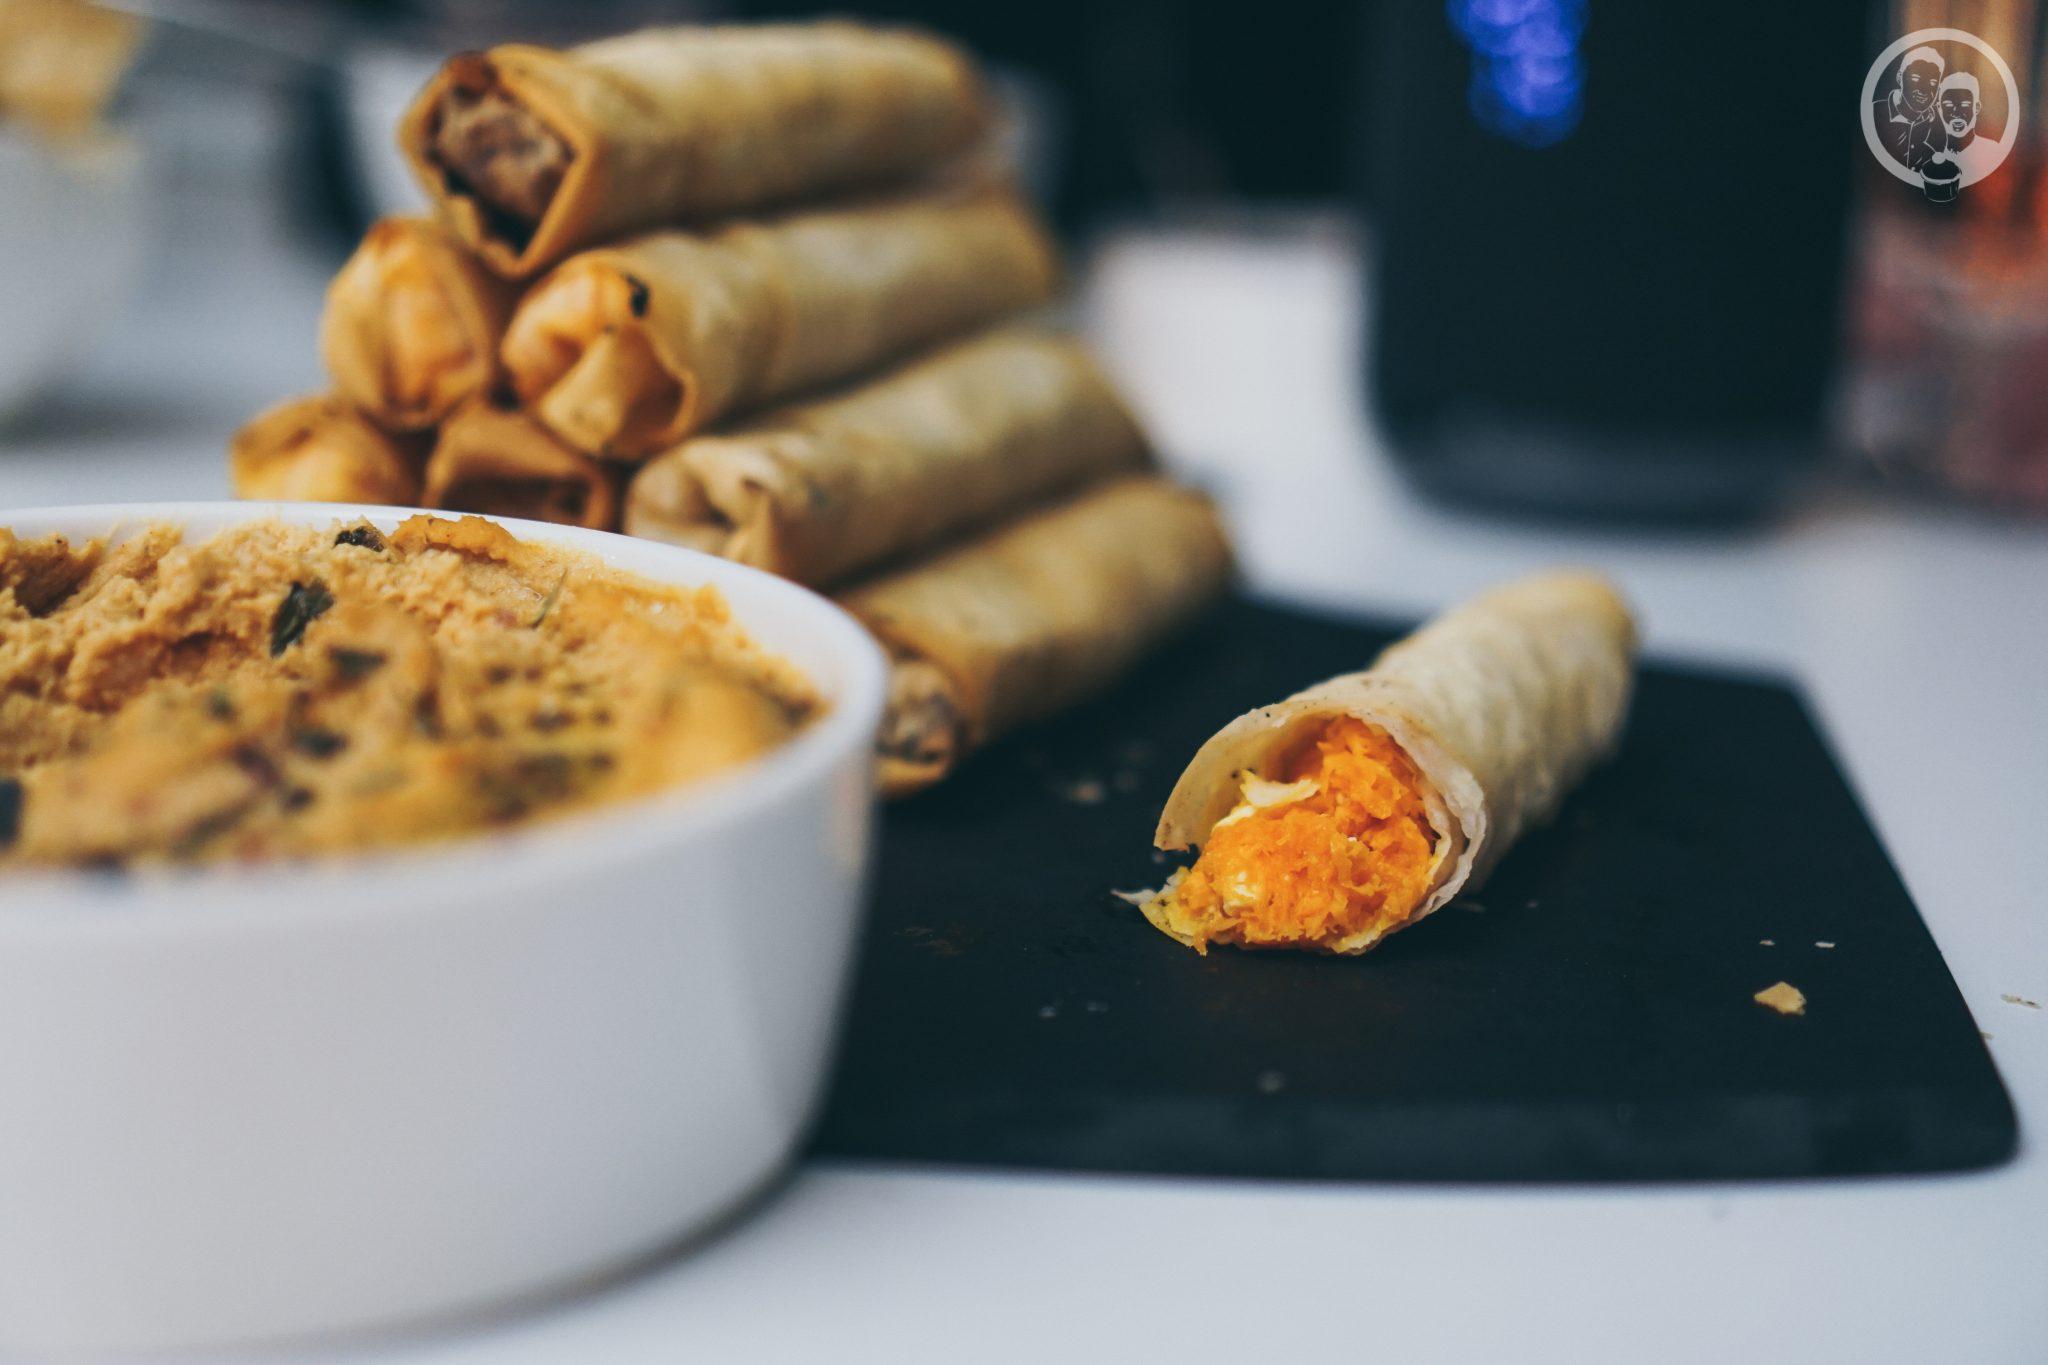 B%C3%B6rek mW 8   Unsere Küche ist der Mittelpunkt unserer Wohnung ... hier verbringen wir die meiste Zeit! Ob beim Kochen und Backen, beim gemütlichen Zusammensein oder auch bei spontanen Partyabenden.Dazu gibt es immer leckere Snacks, denn hungern muss definitiv keiner unserer Freunde bei uns :)So auch nicht bei unserer letzten kleinen Küchenparty! Es gab köstliches Finger Food in Form von Börek.